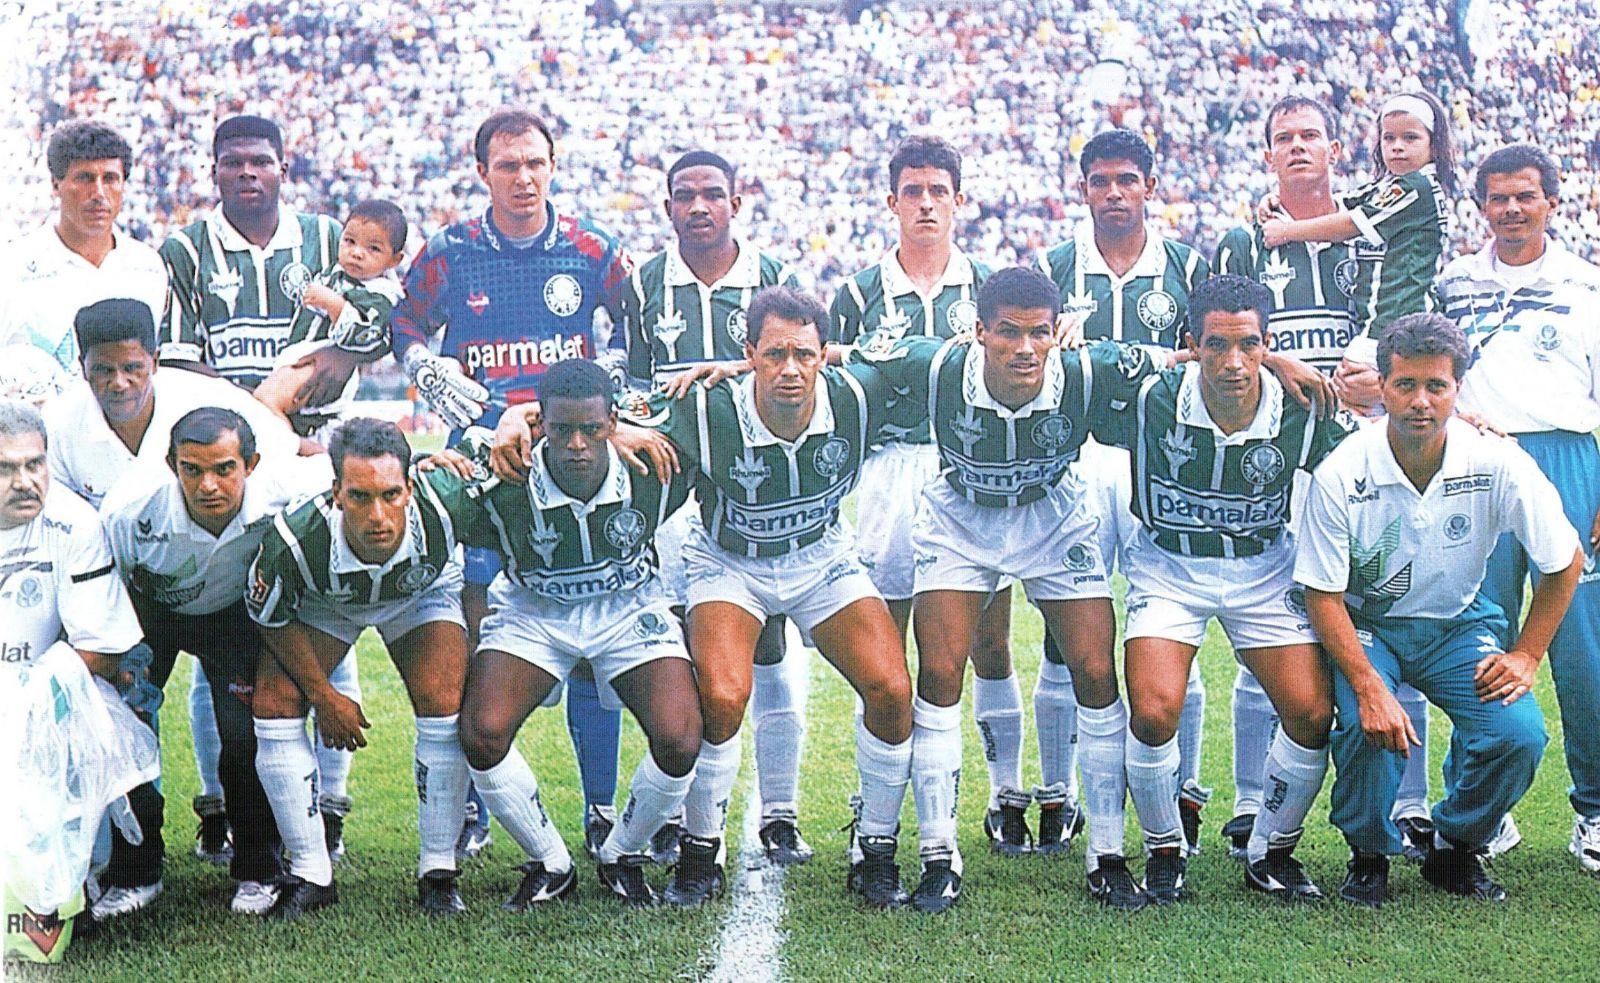 Campeonato Brasileiro 94: quando o Palmeiras me deu um título de aniversário